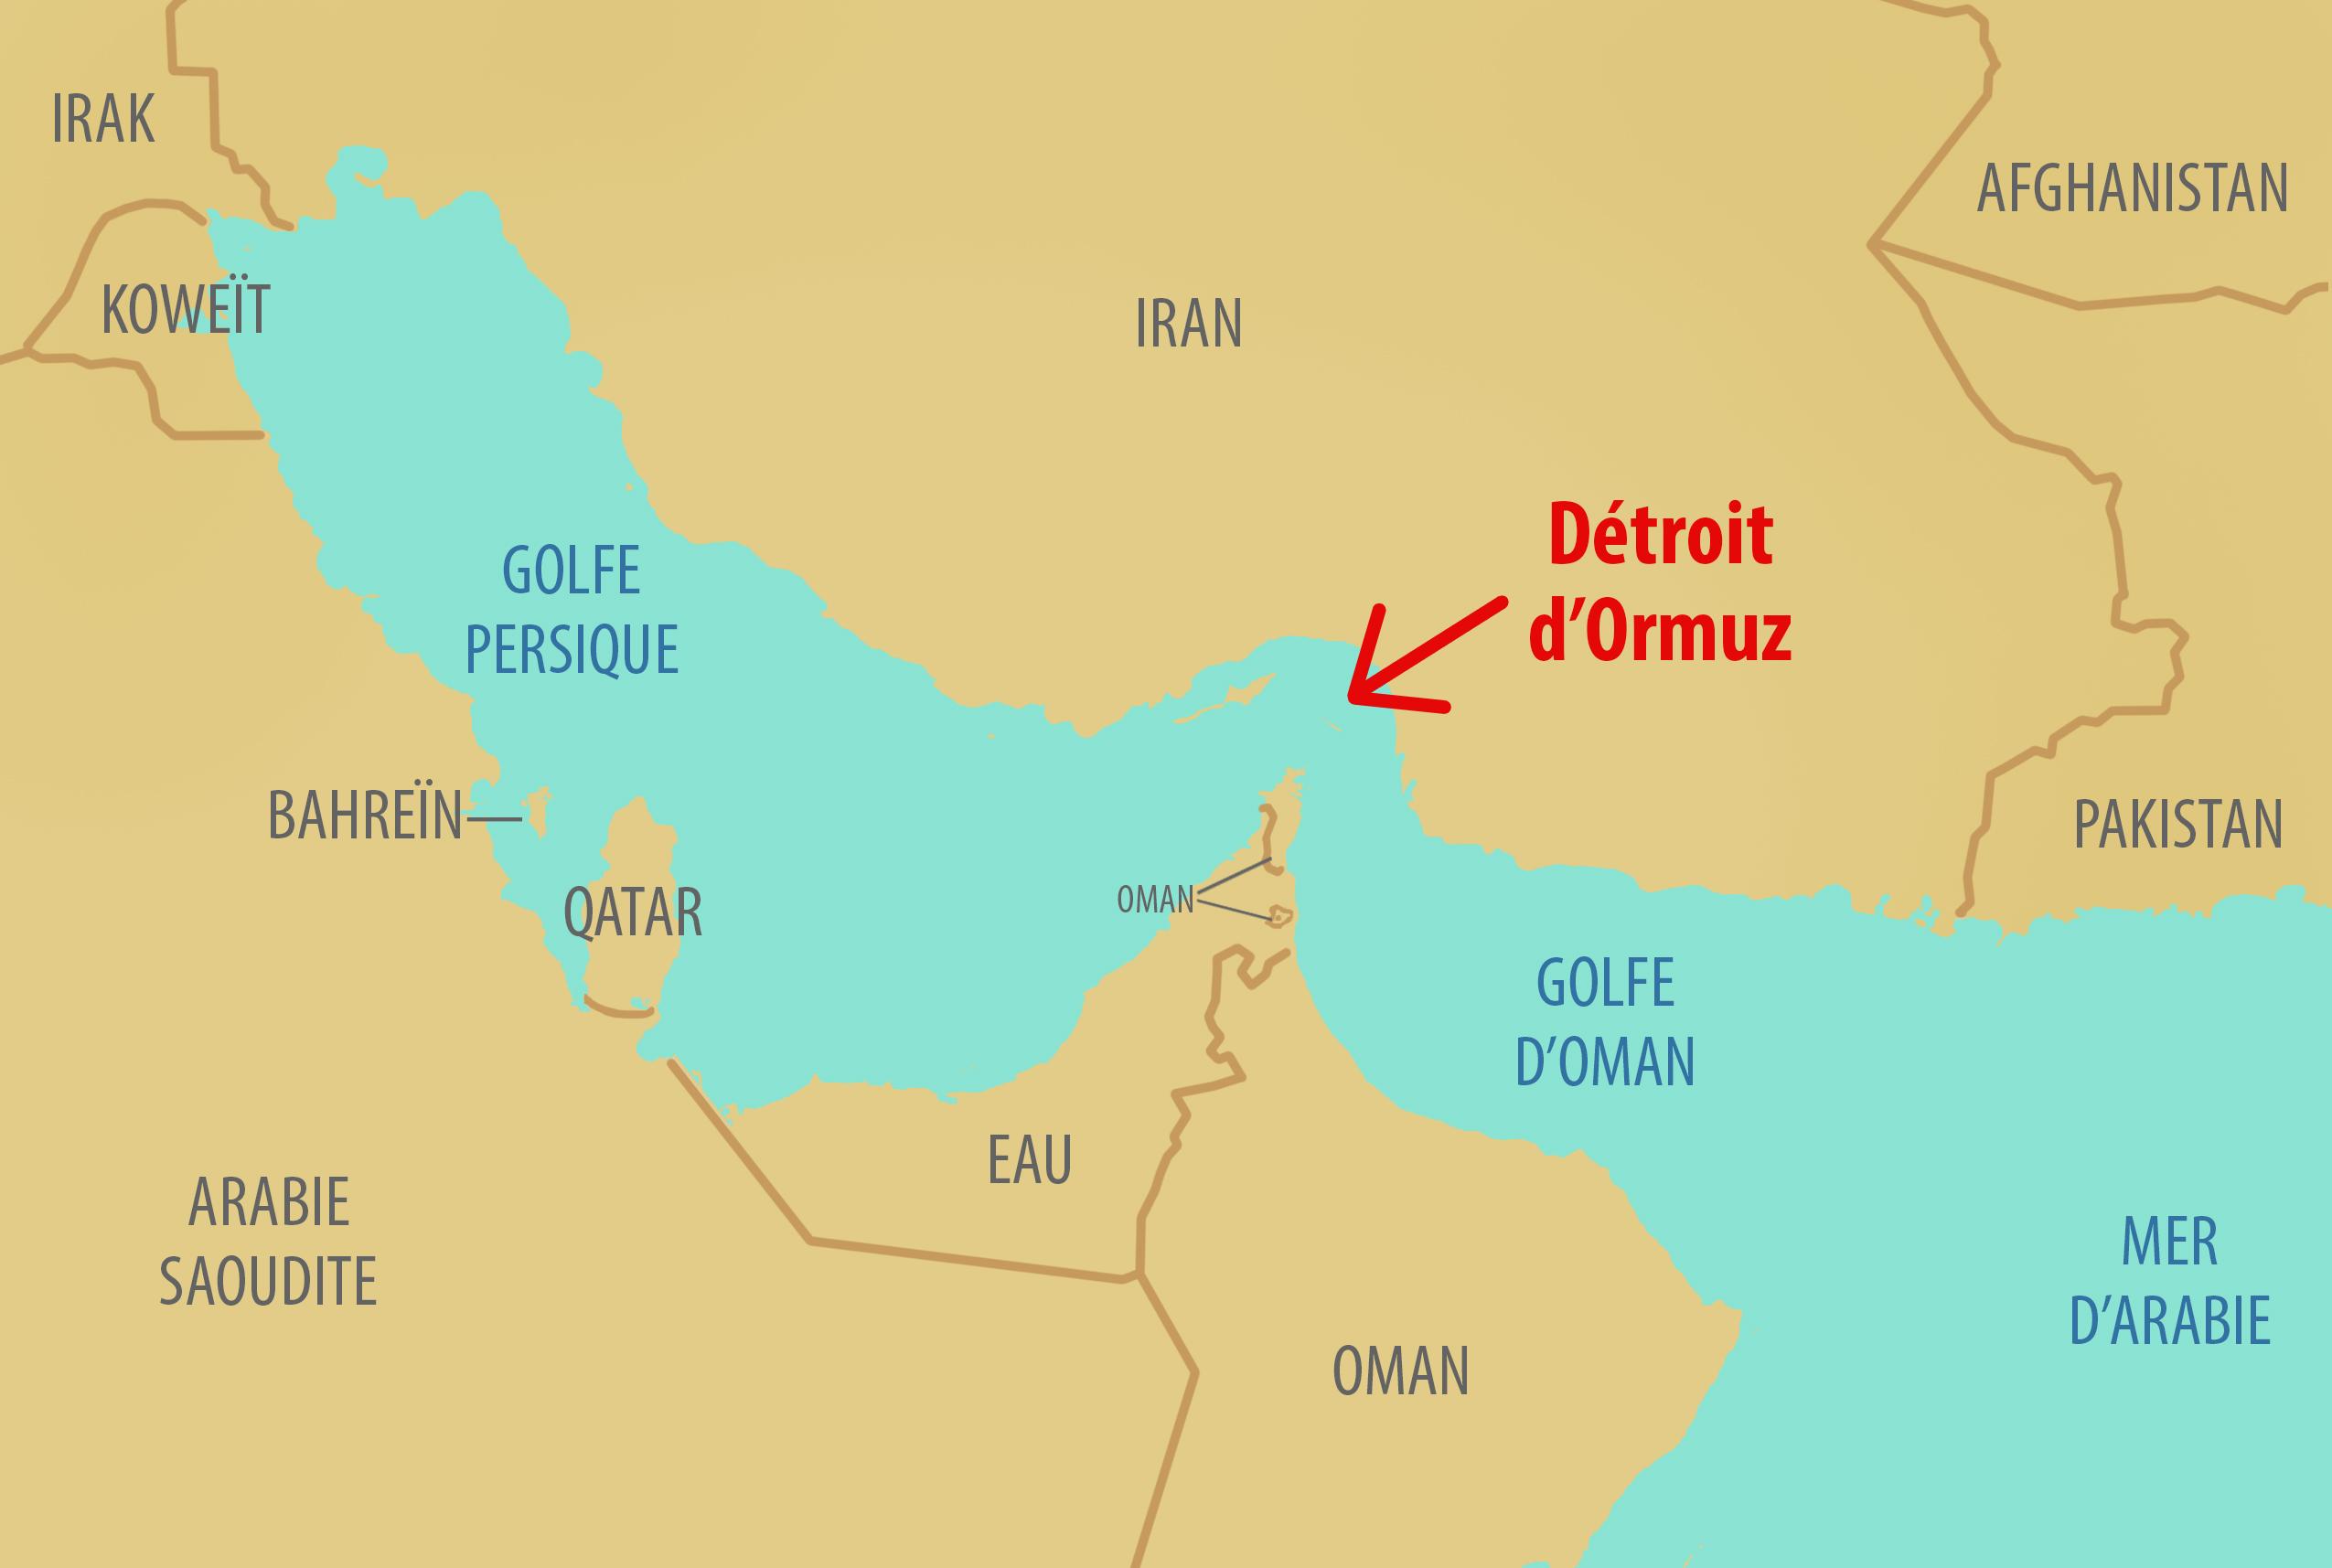 Carte montrant le détroit d'Ormuz et les pays autour (Département d'État/D. Thompson)